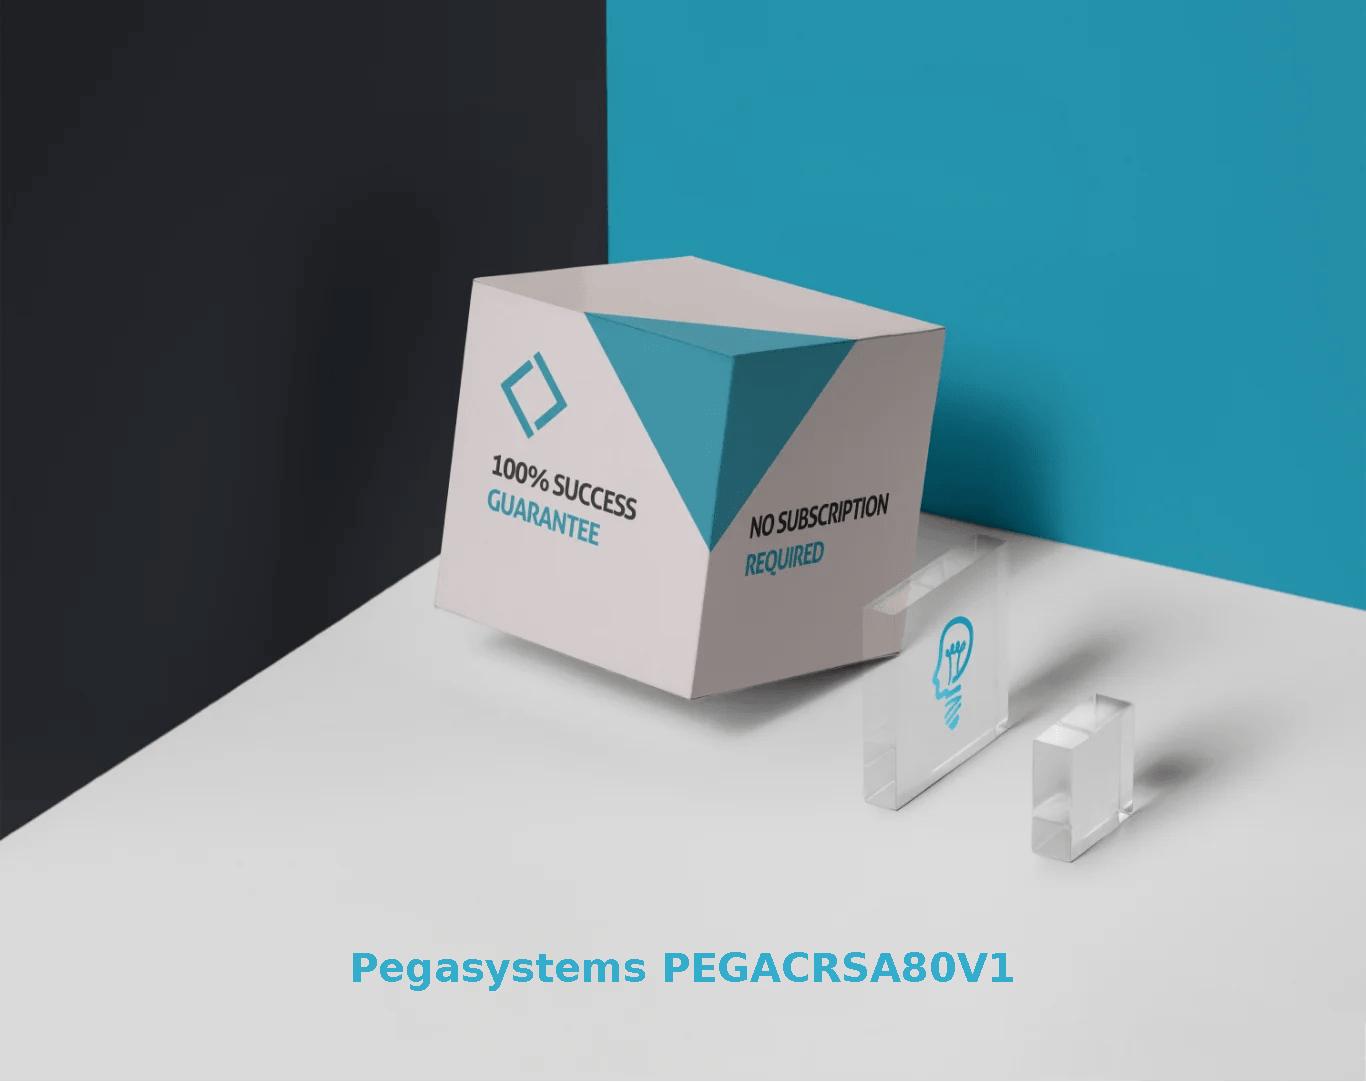 Pega Systems Certified Robotics PEGACRSA80V1 Exam Dump PDF Test Simulator